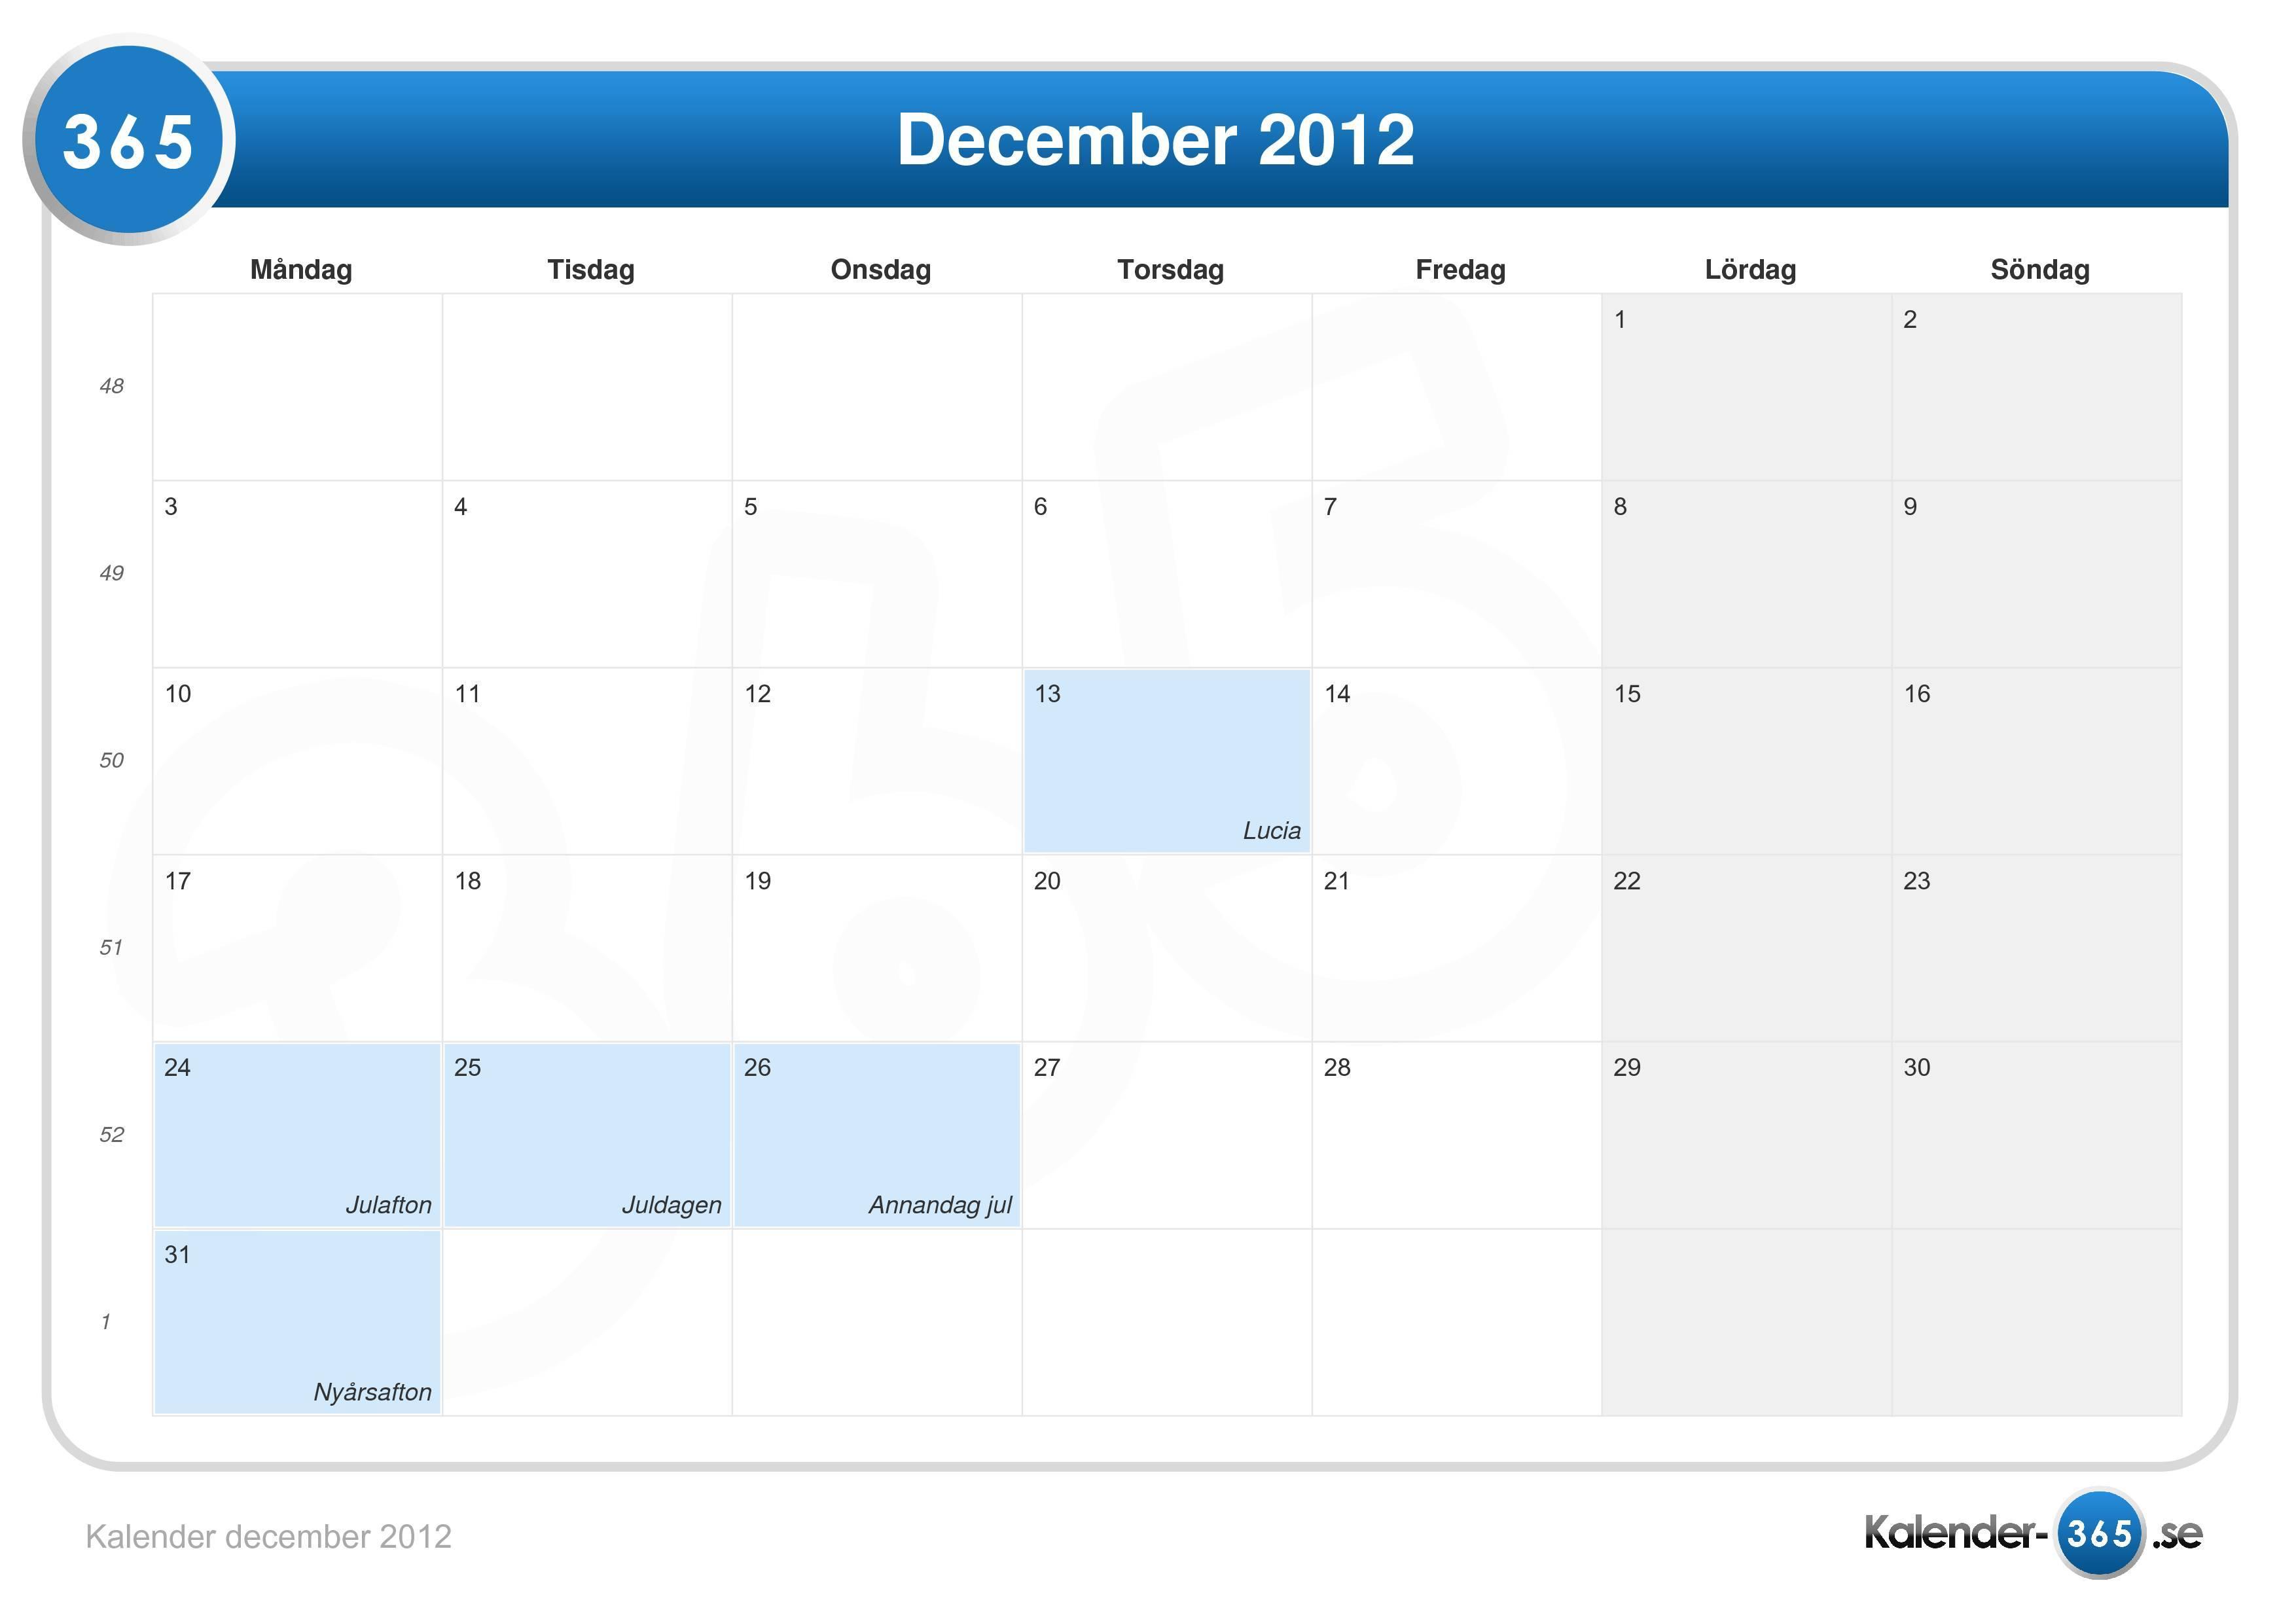 kalender december 2012